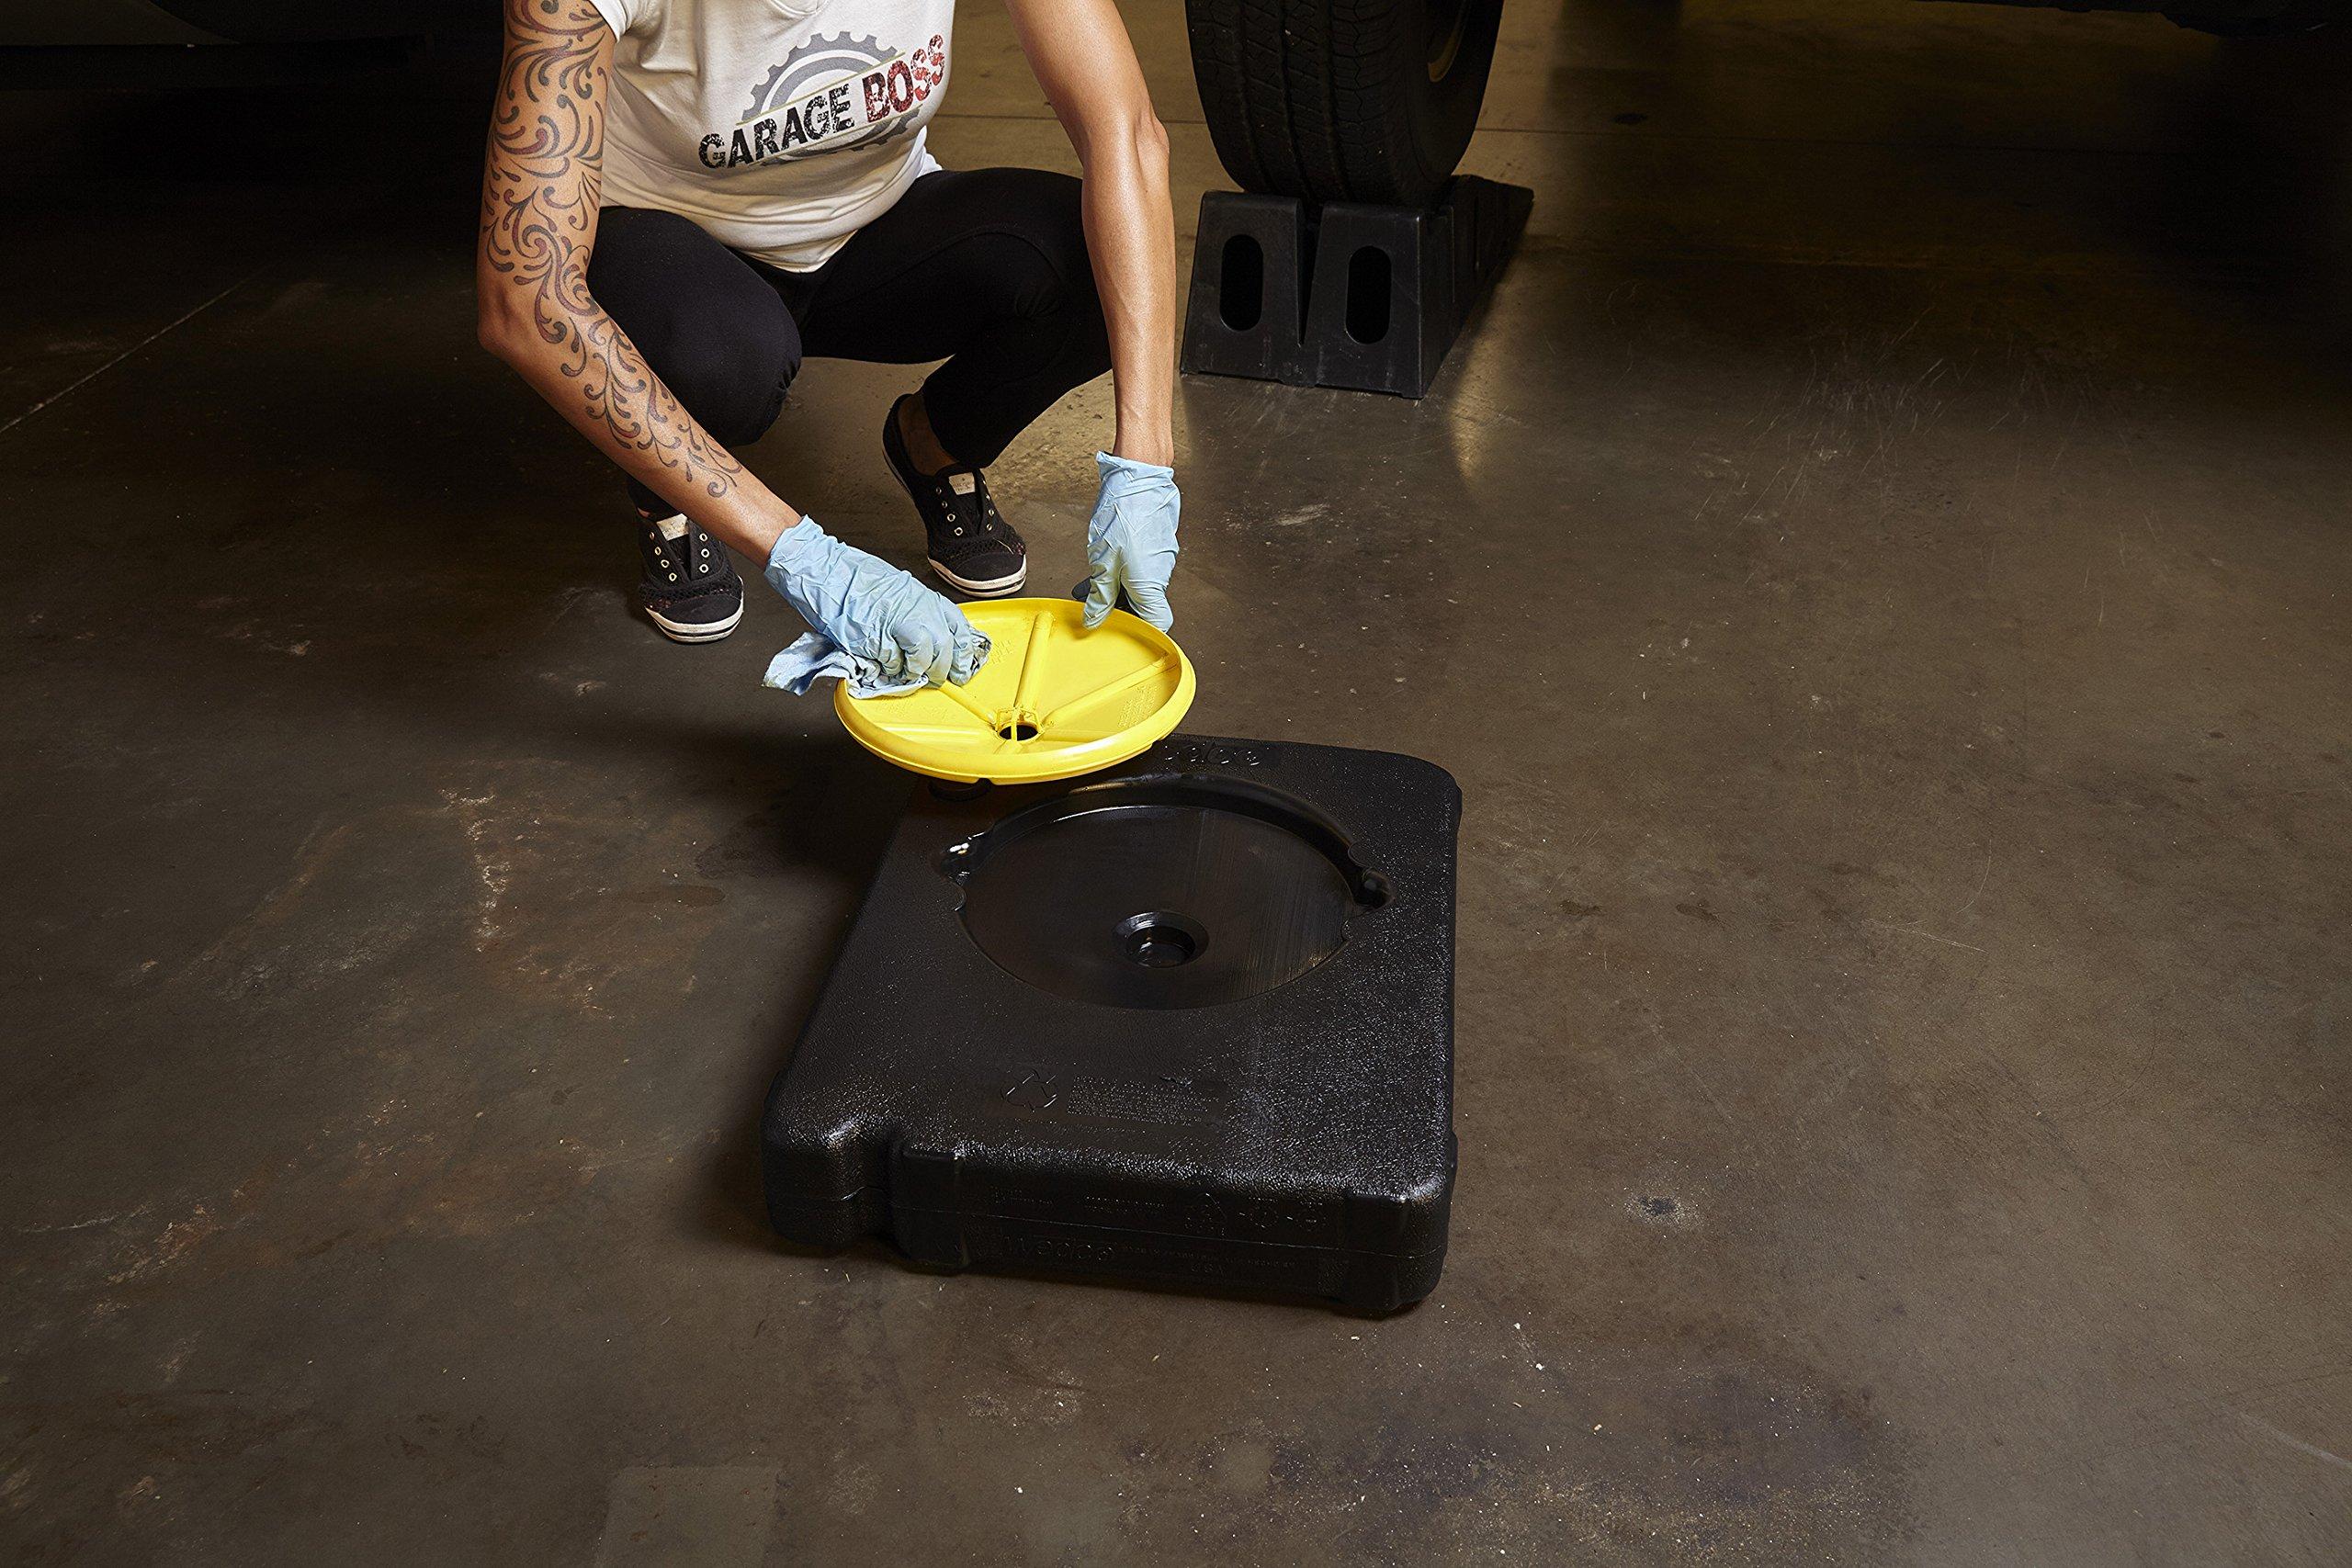 GarageBOSS GB150 12.5 quart Oil Drain Pan with Funnel by GarageBOSS (Image #1)